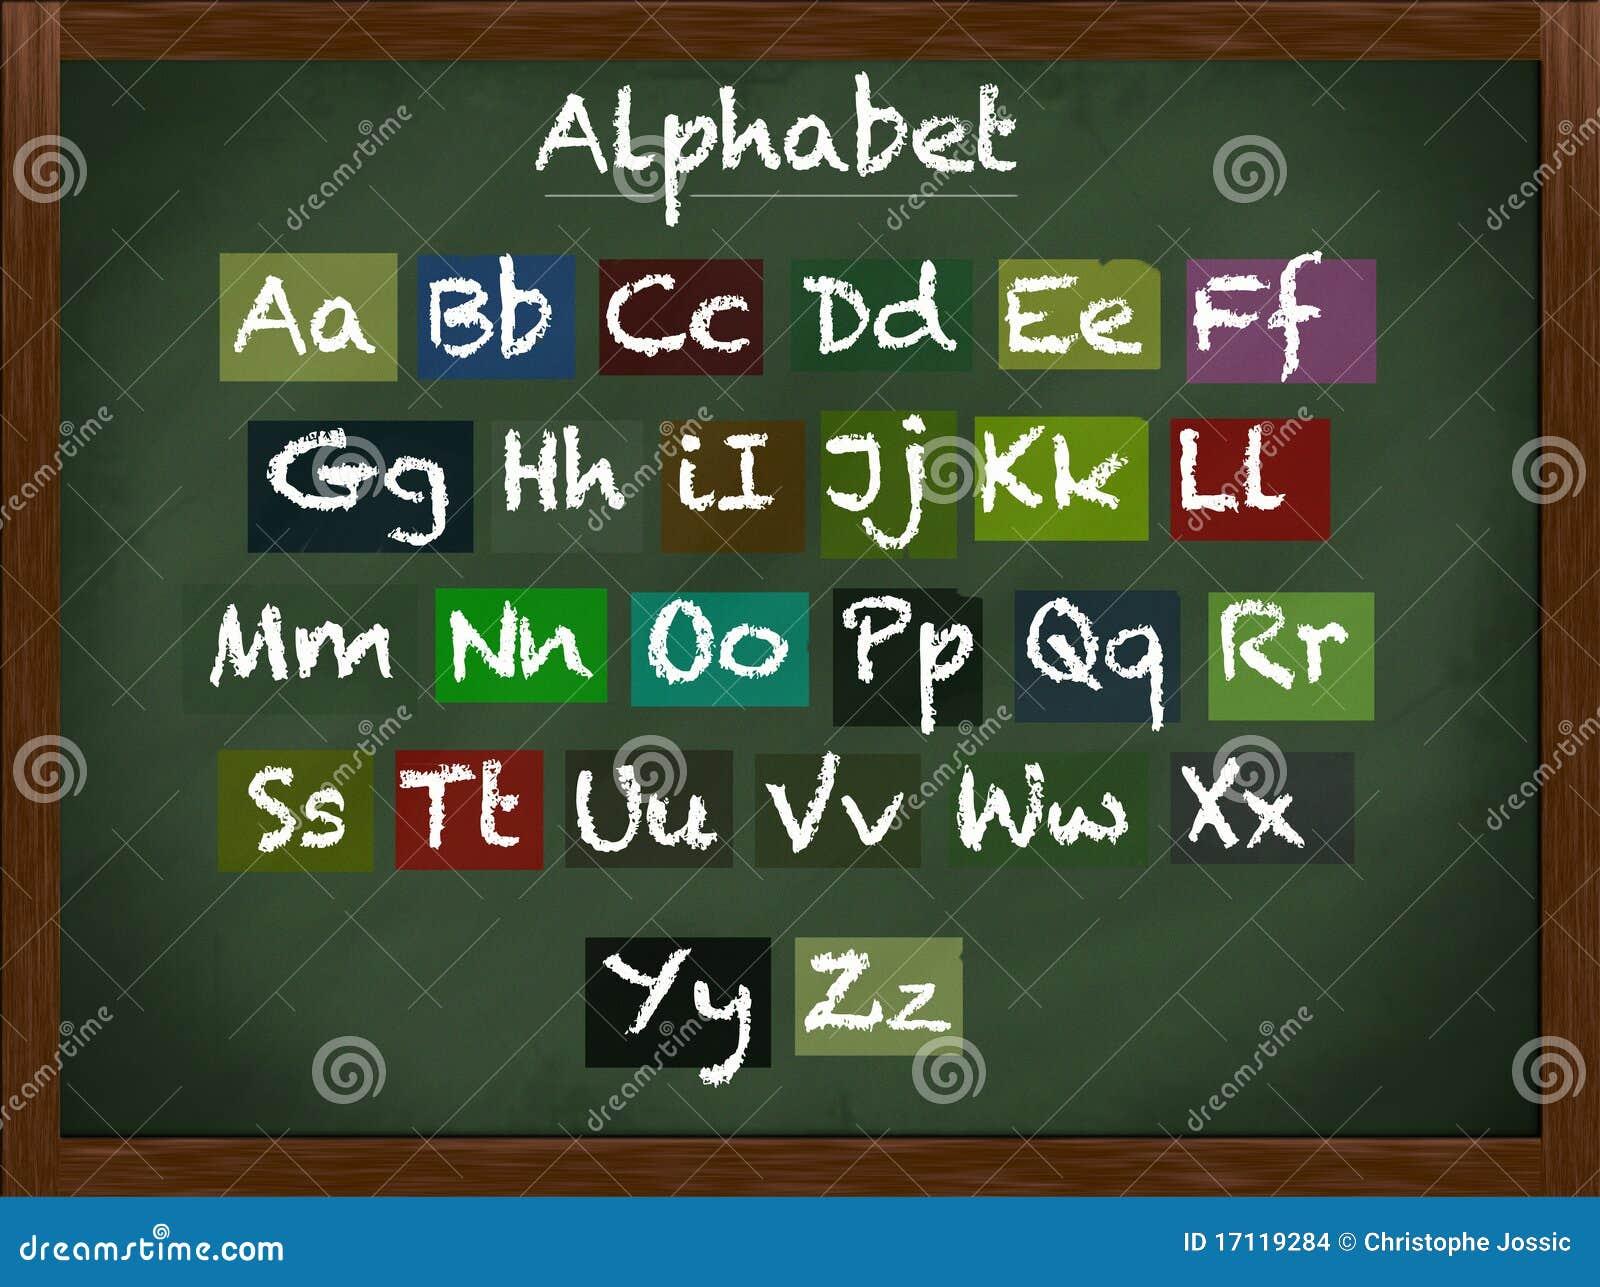 Alphabet minuscule et majuscule